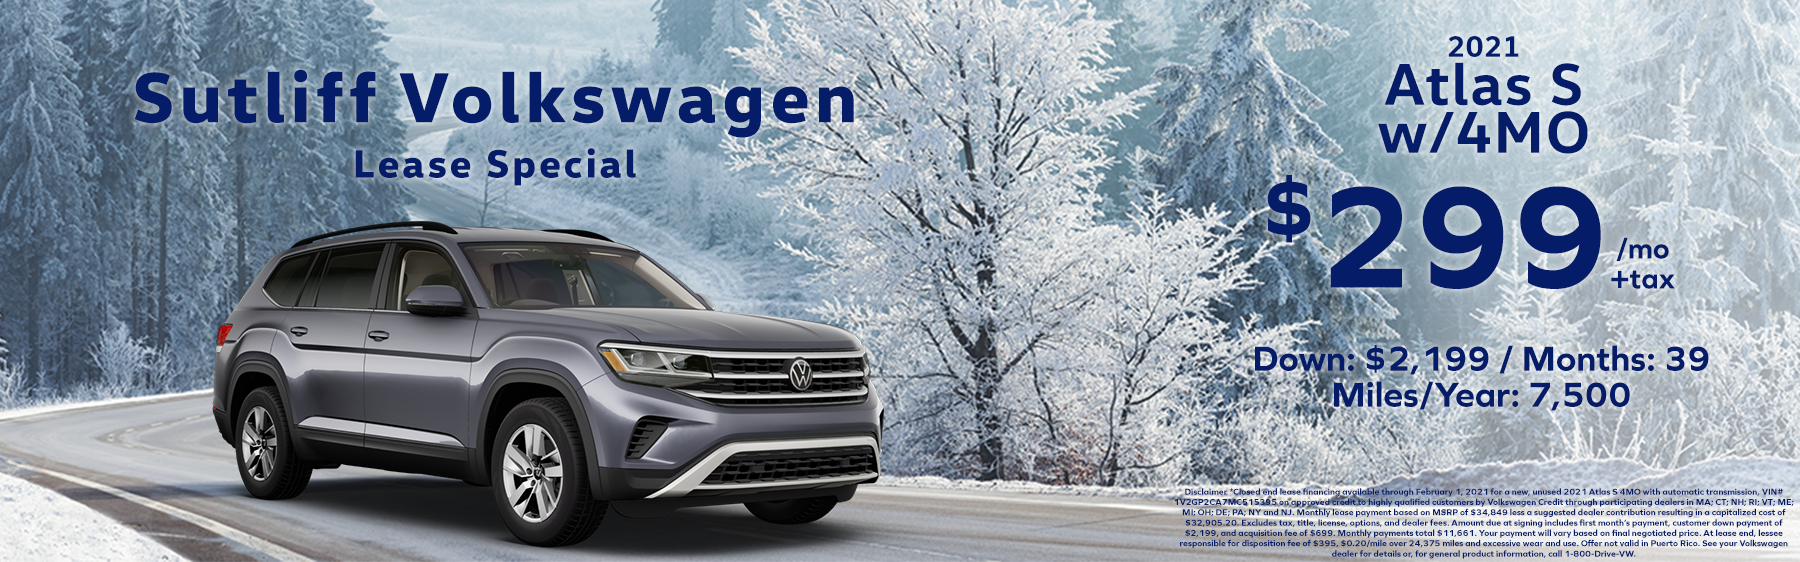 Sutliff VW_Atlas Lease Special_Jan 2021